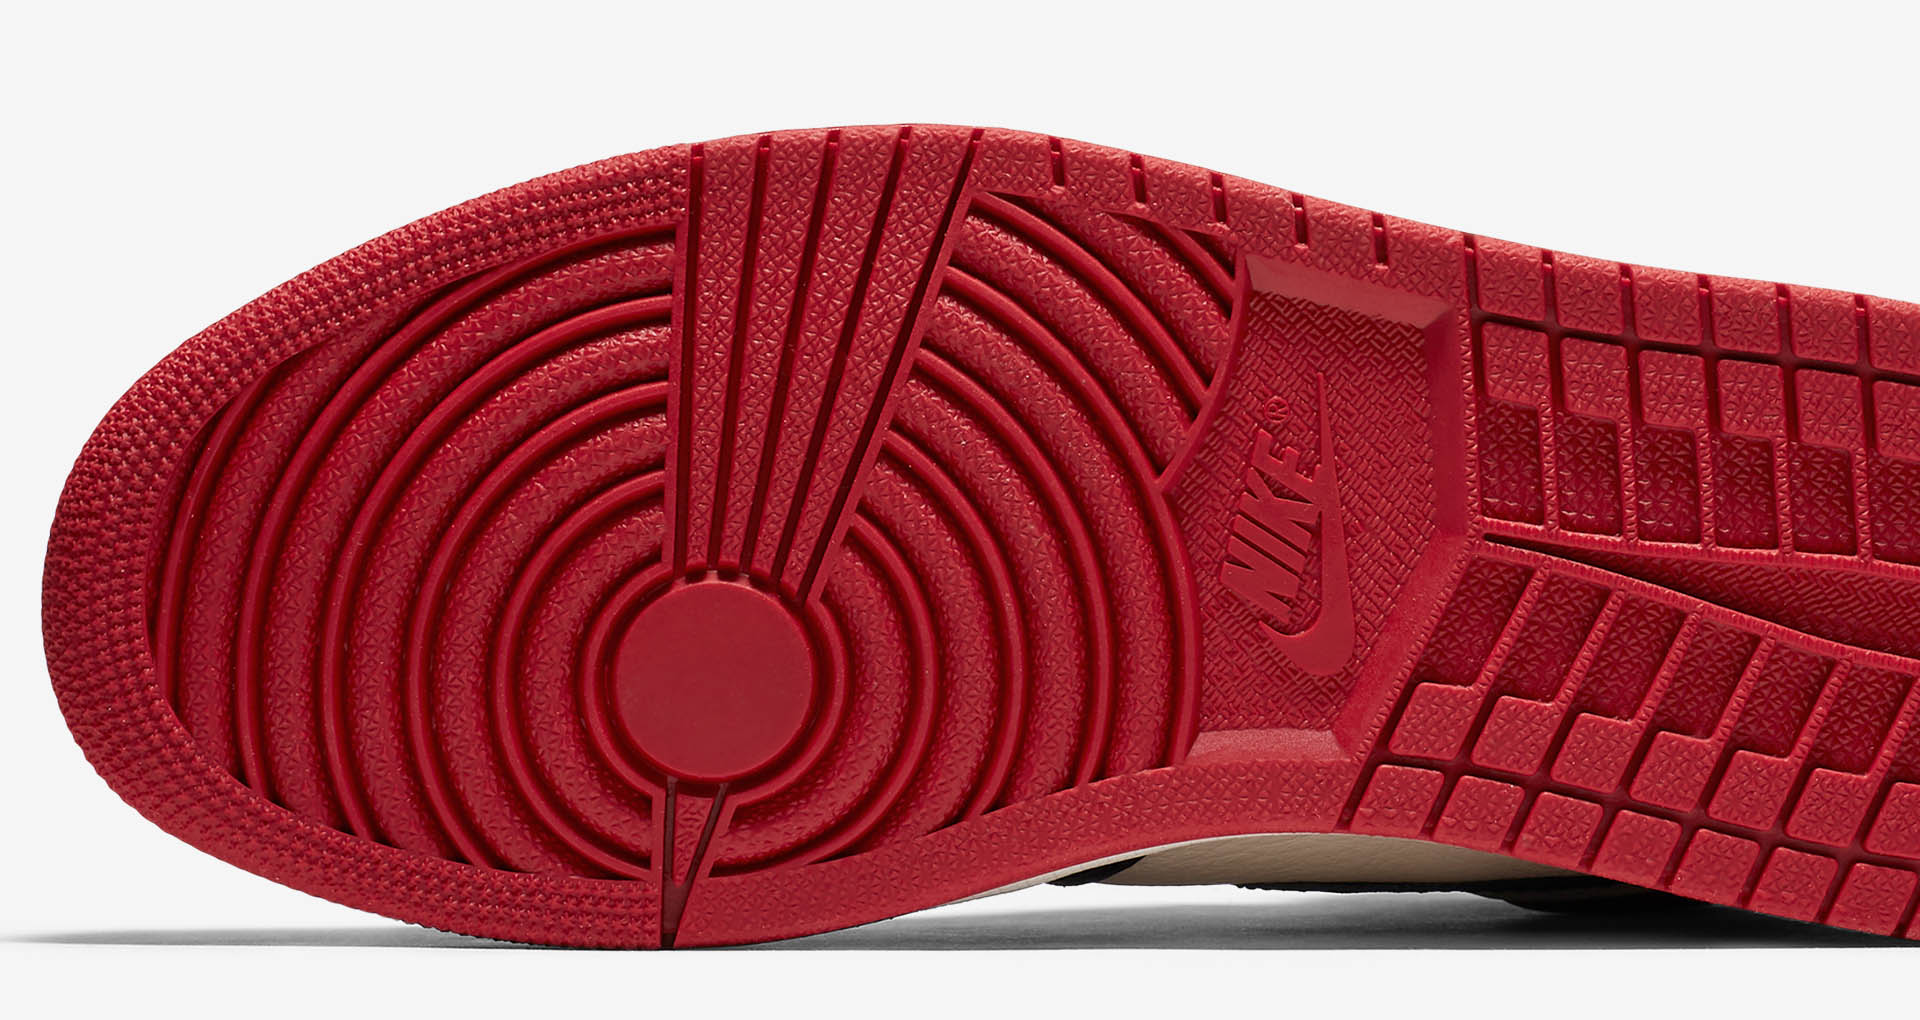 Air Jordan 1 Retro OG Bred Toe | Release info